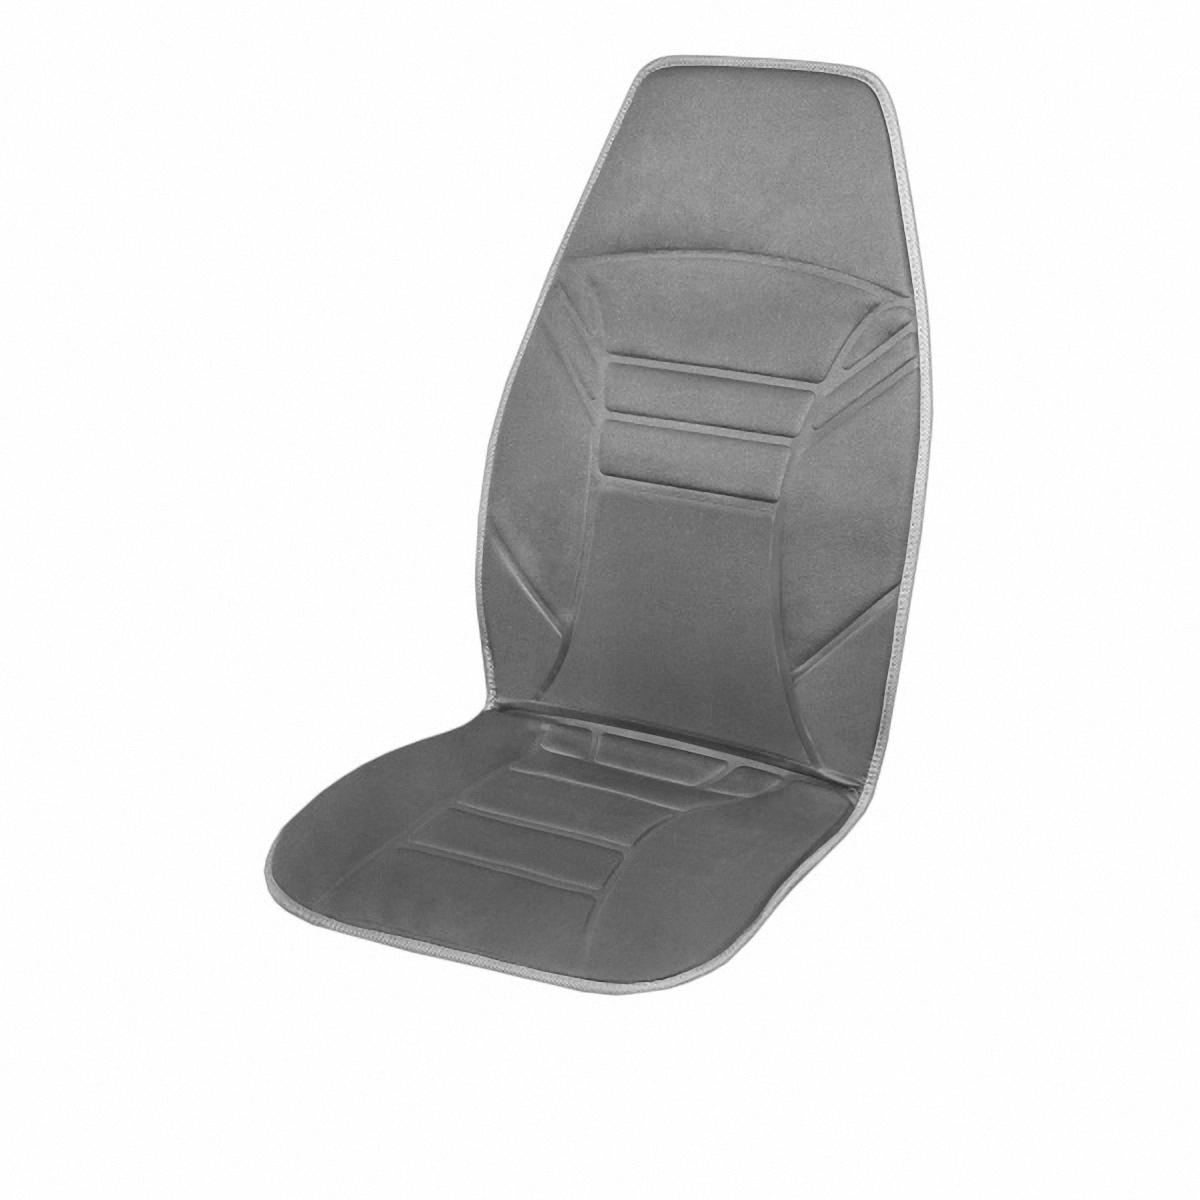 Чехол на сиденье Skyway, с подогревом, со спинкой чехол skyway s06301007